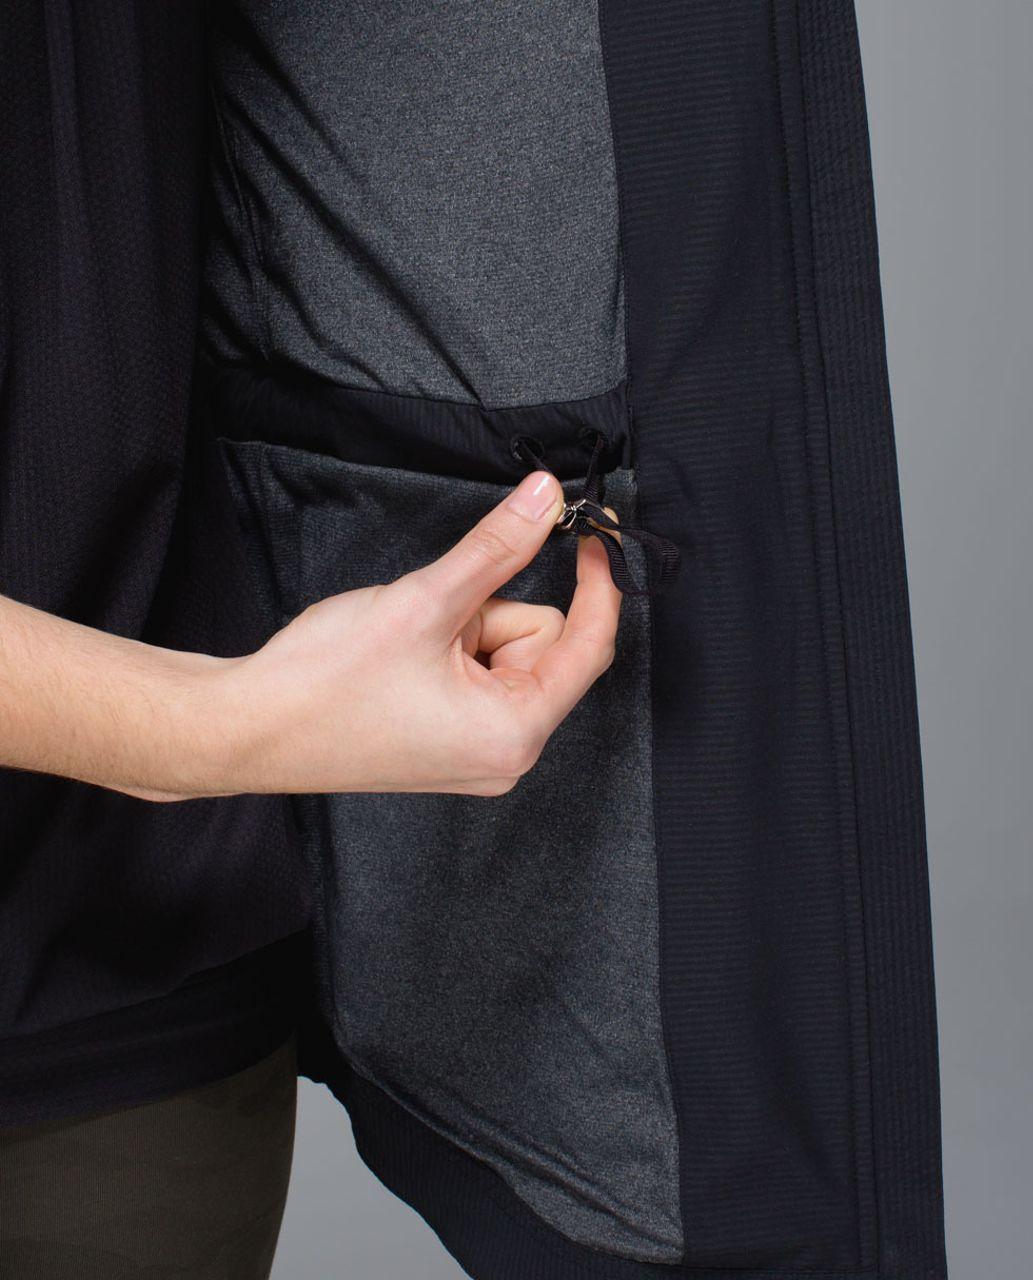 Lululemon Yogi Anorak Jacket - Black